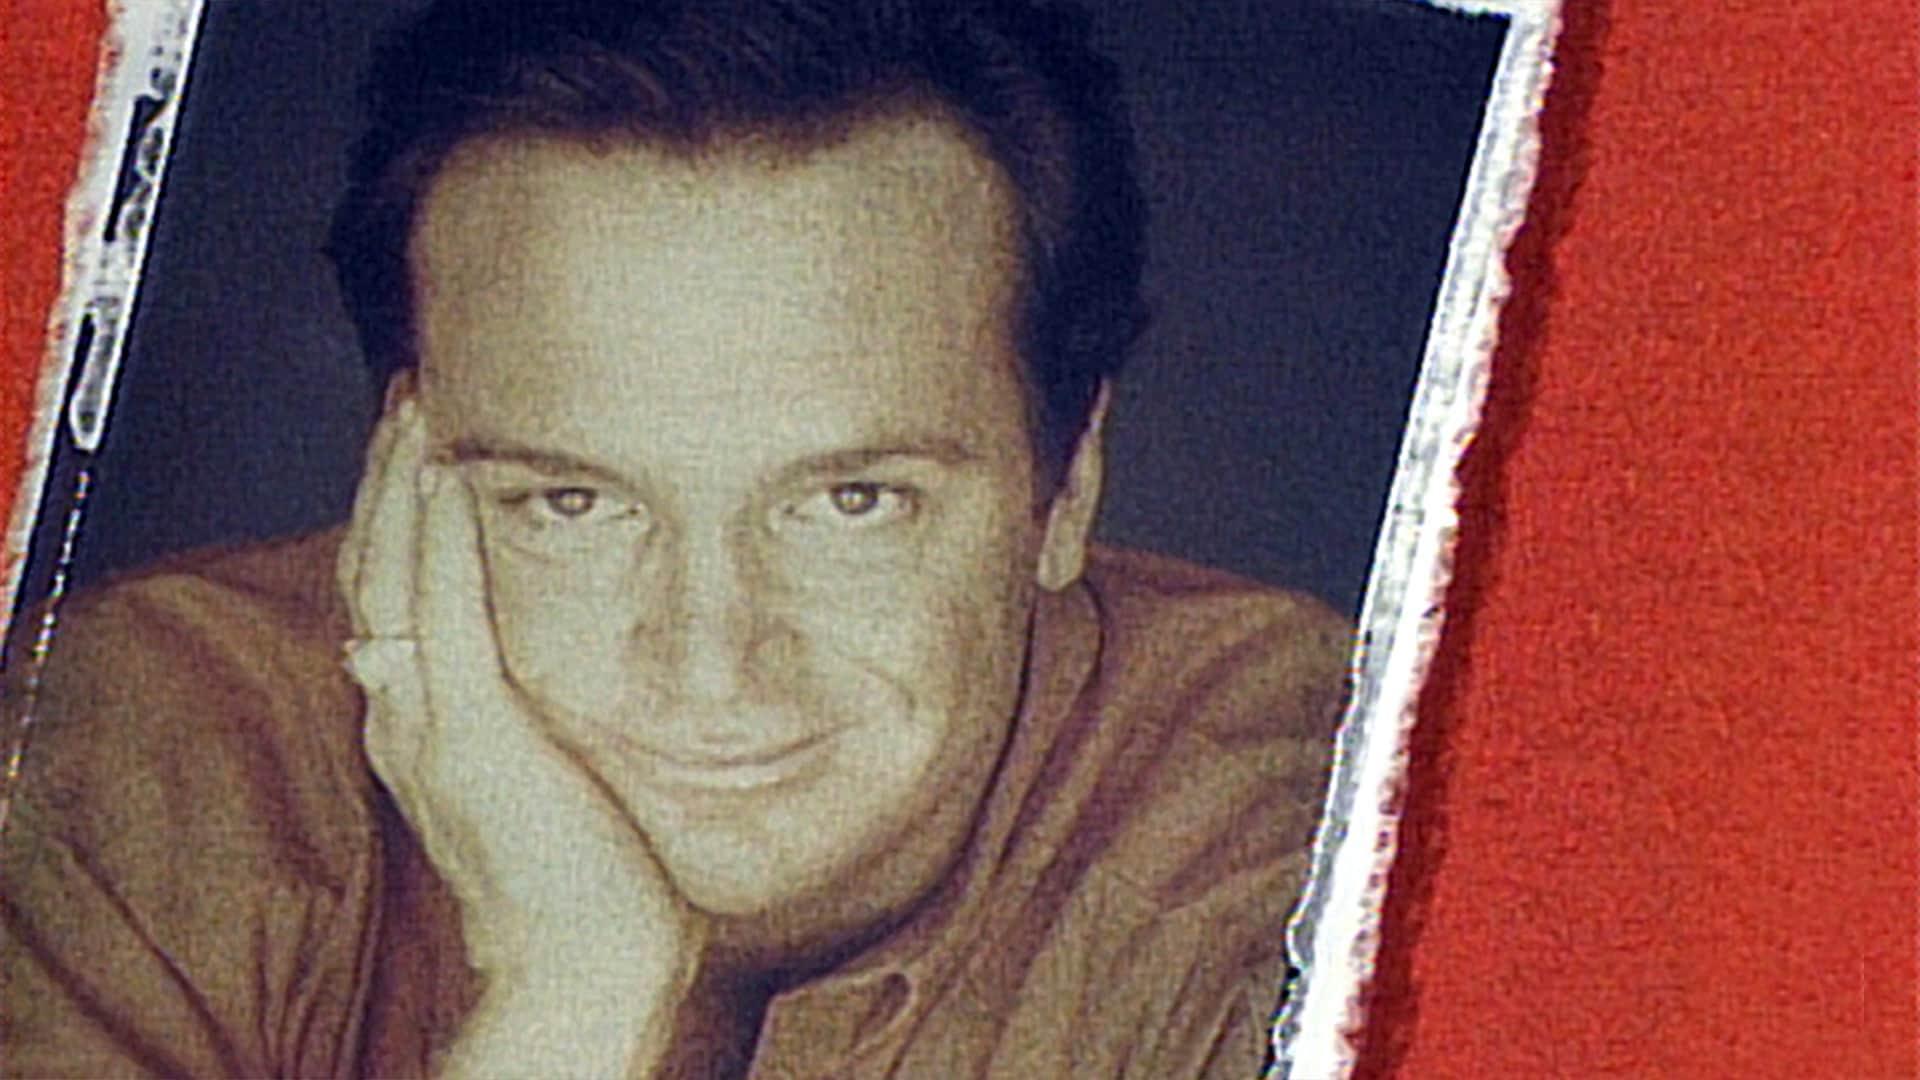 Tom Arnold: December 5, 1992